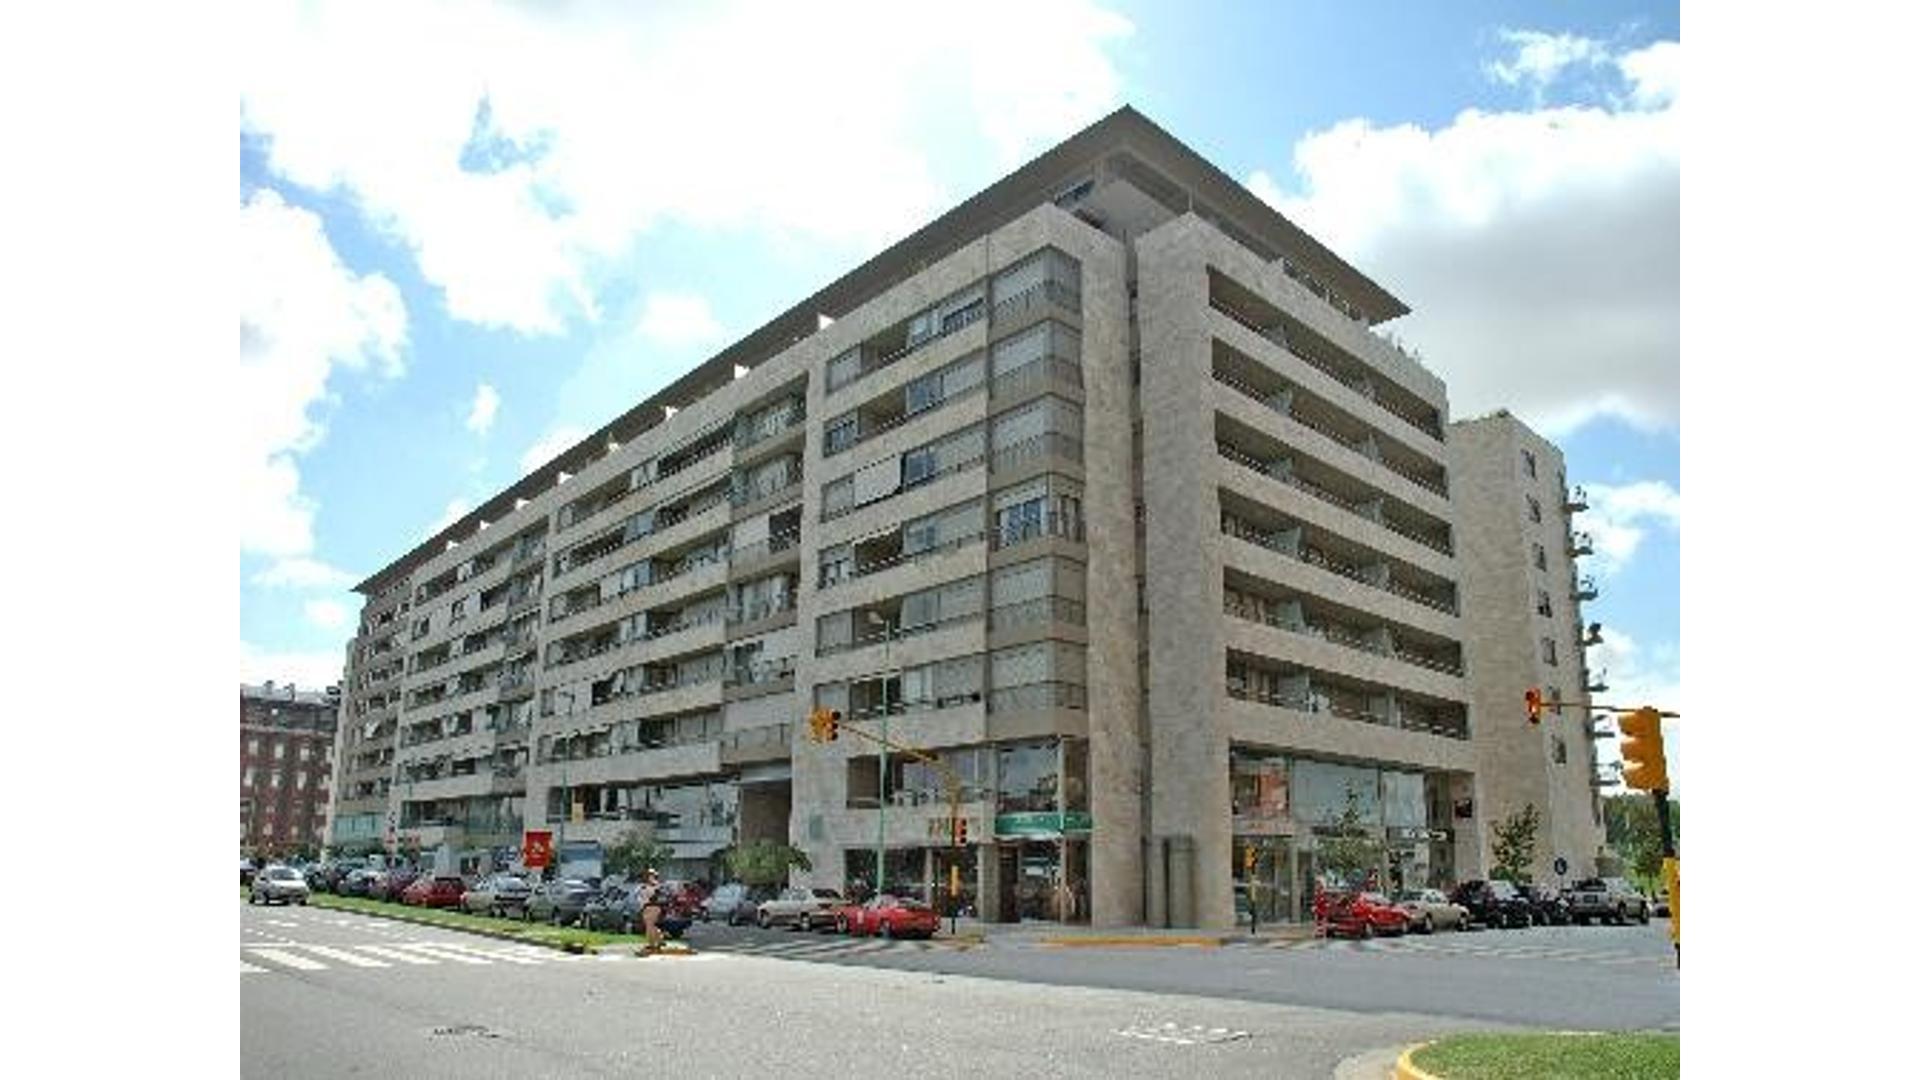 Departamento  en Alquiler ubicado en Puerto Madero, Capital Federal - MAD0006_LP19930_1